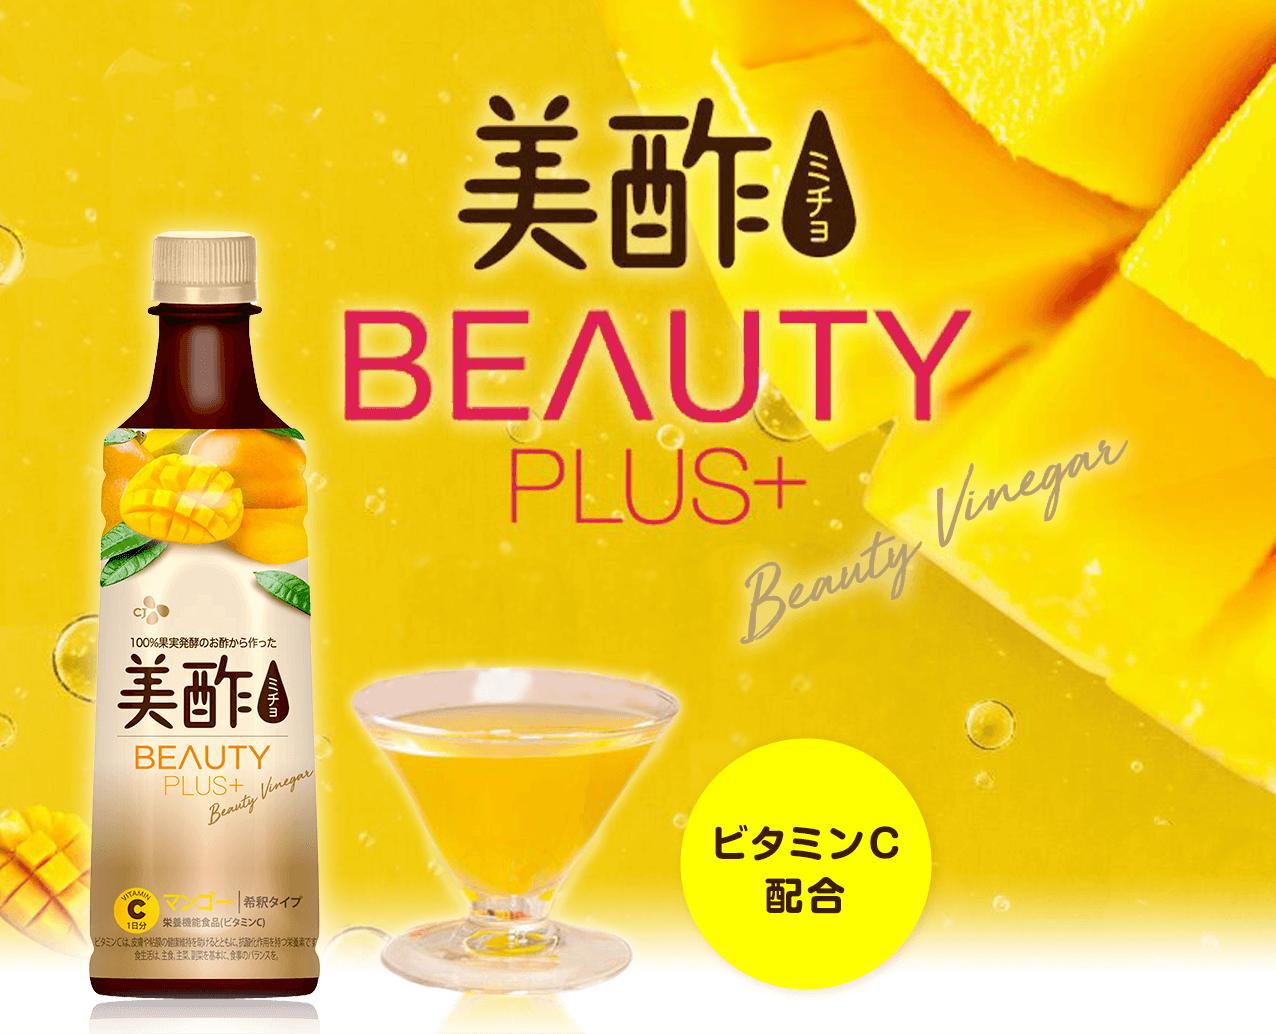 美酢(ミチョ)BEAUTY PLUS+ ビタミンC配合